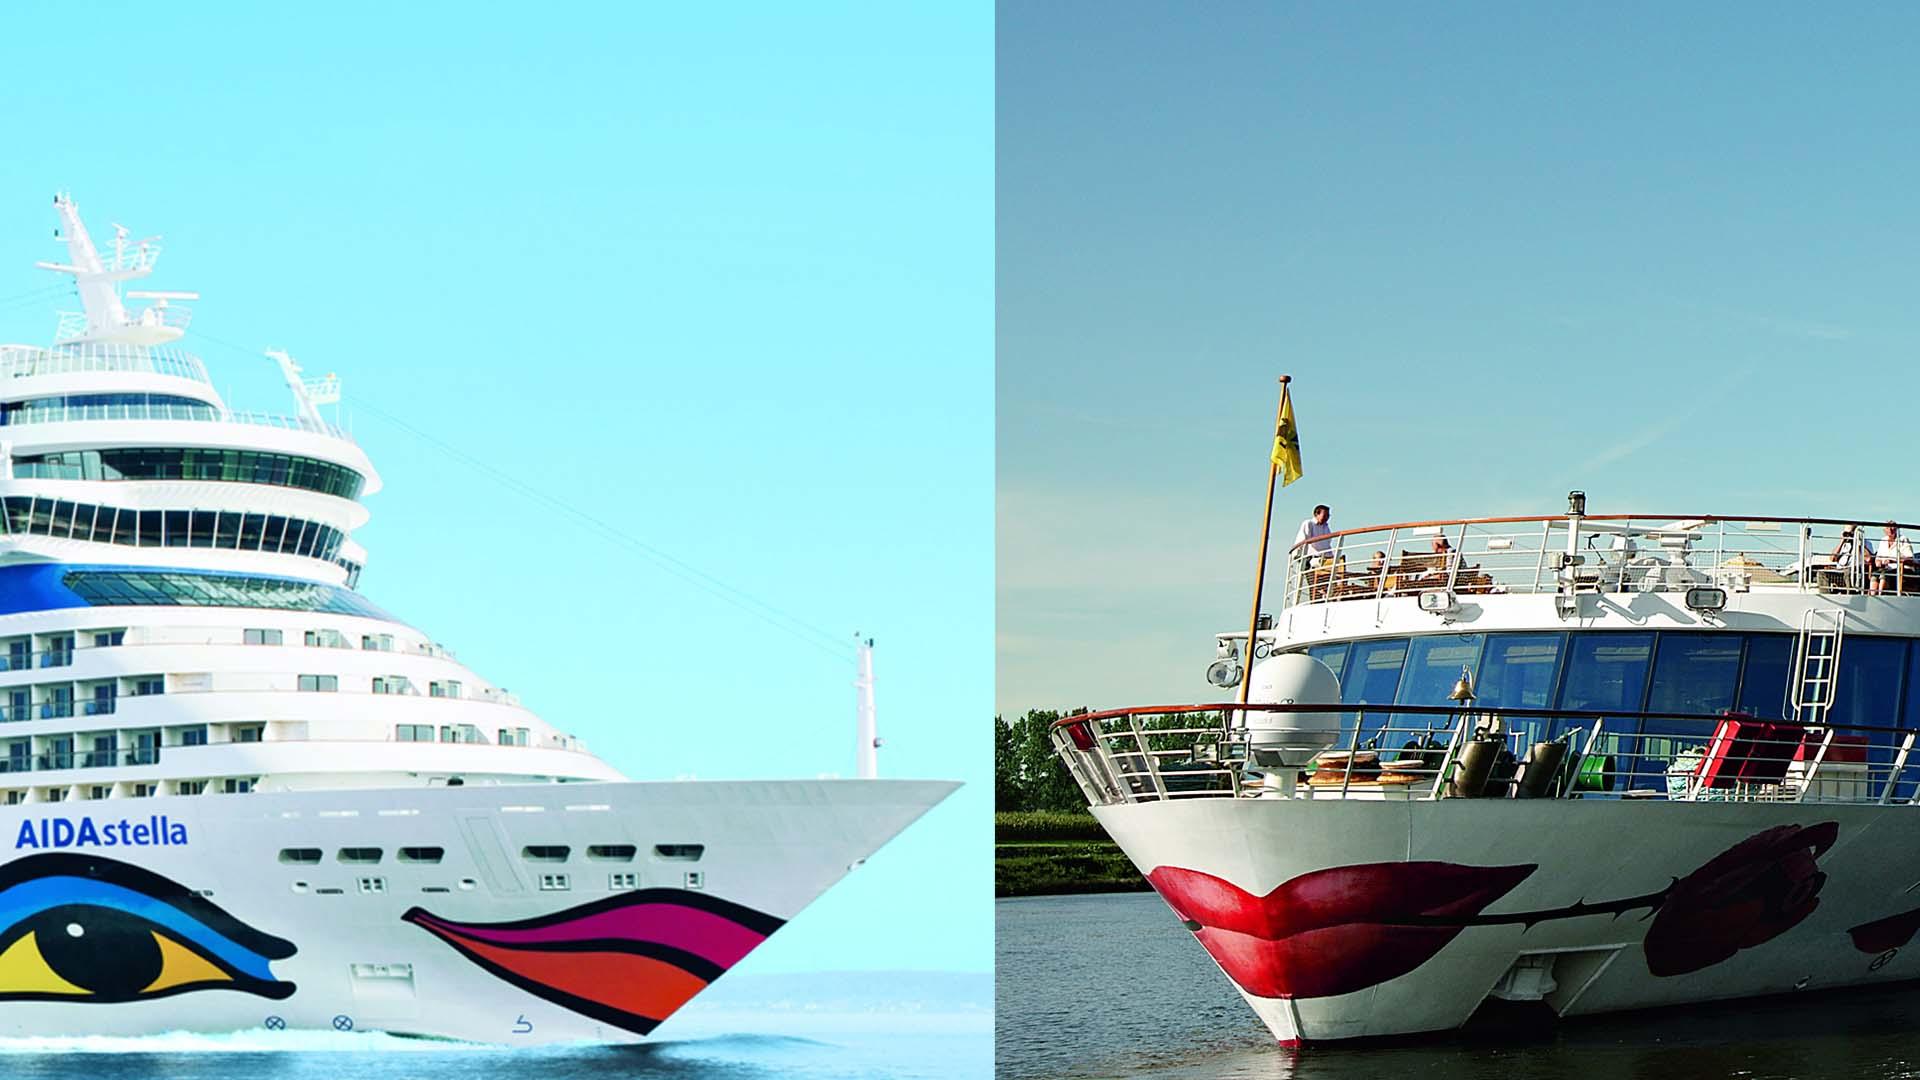 © AIDA Cruises & A-ROSA